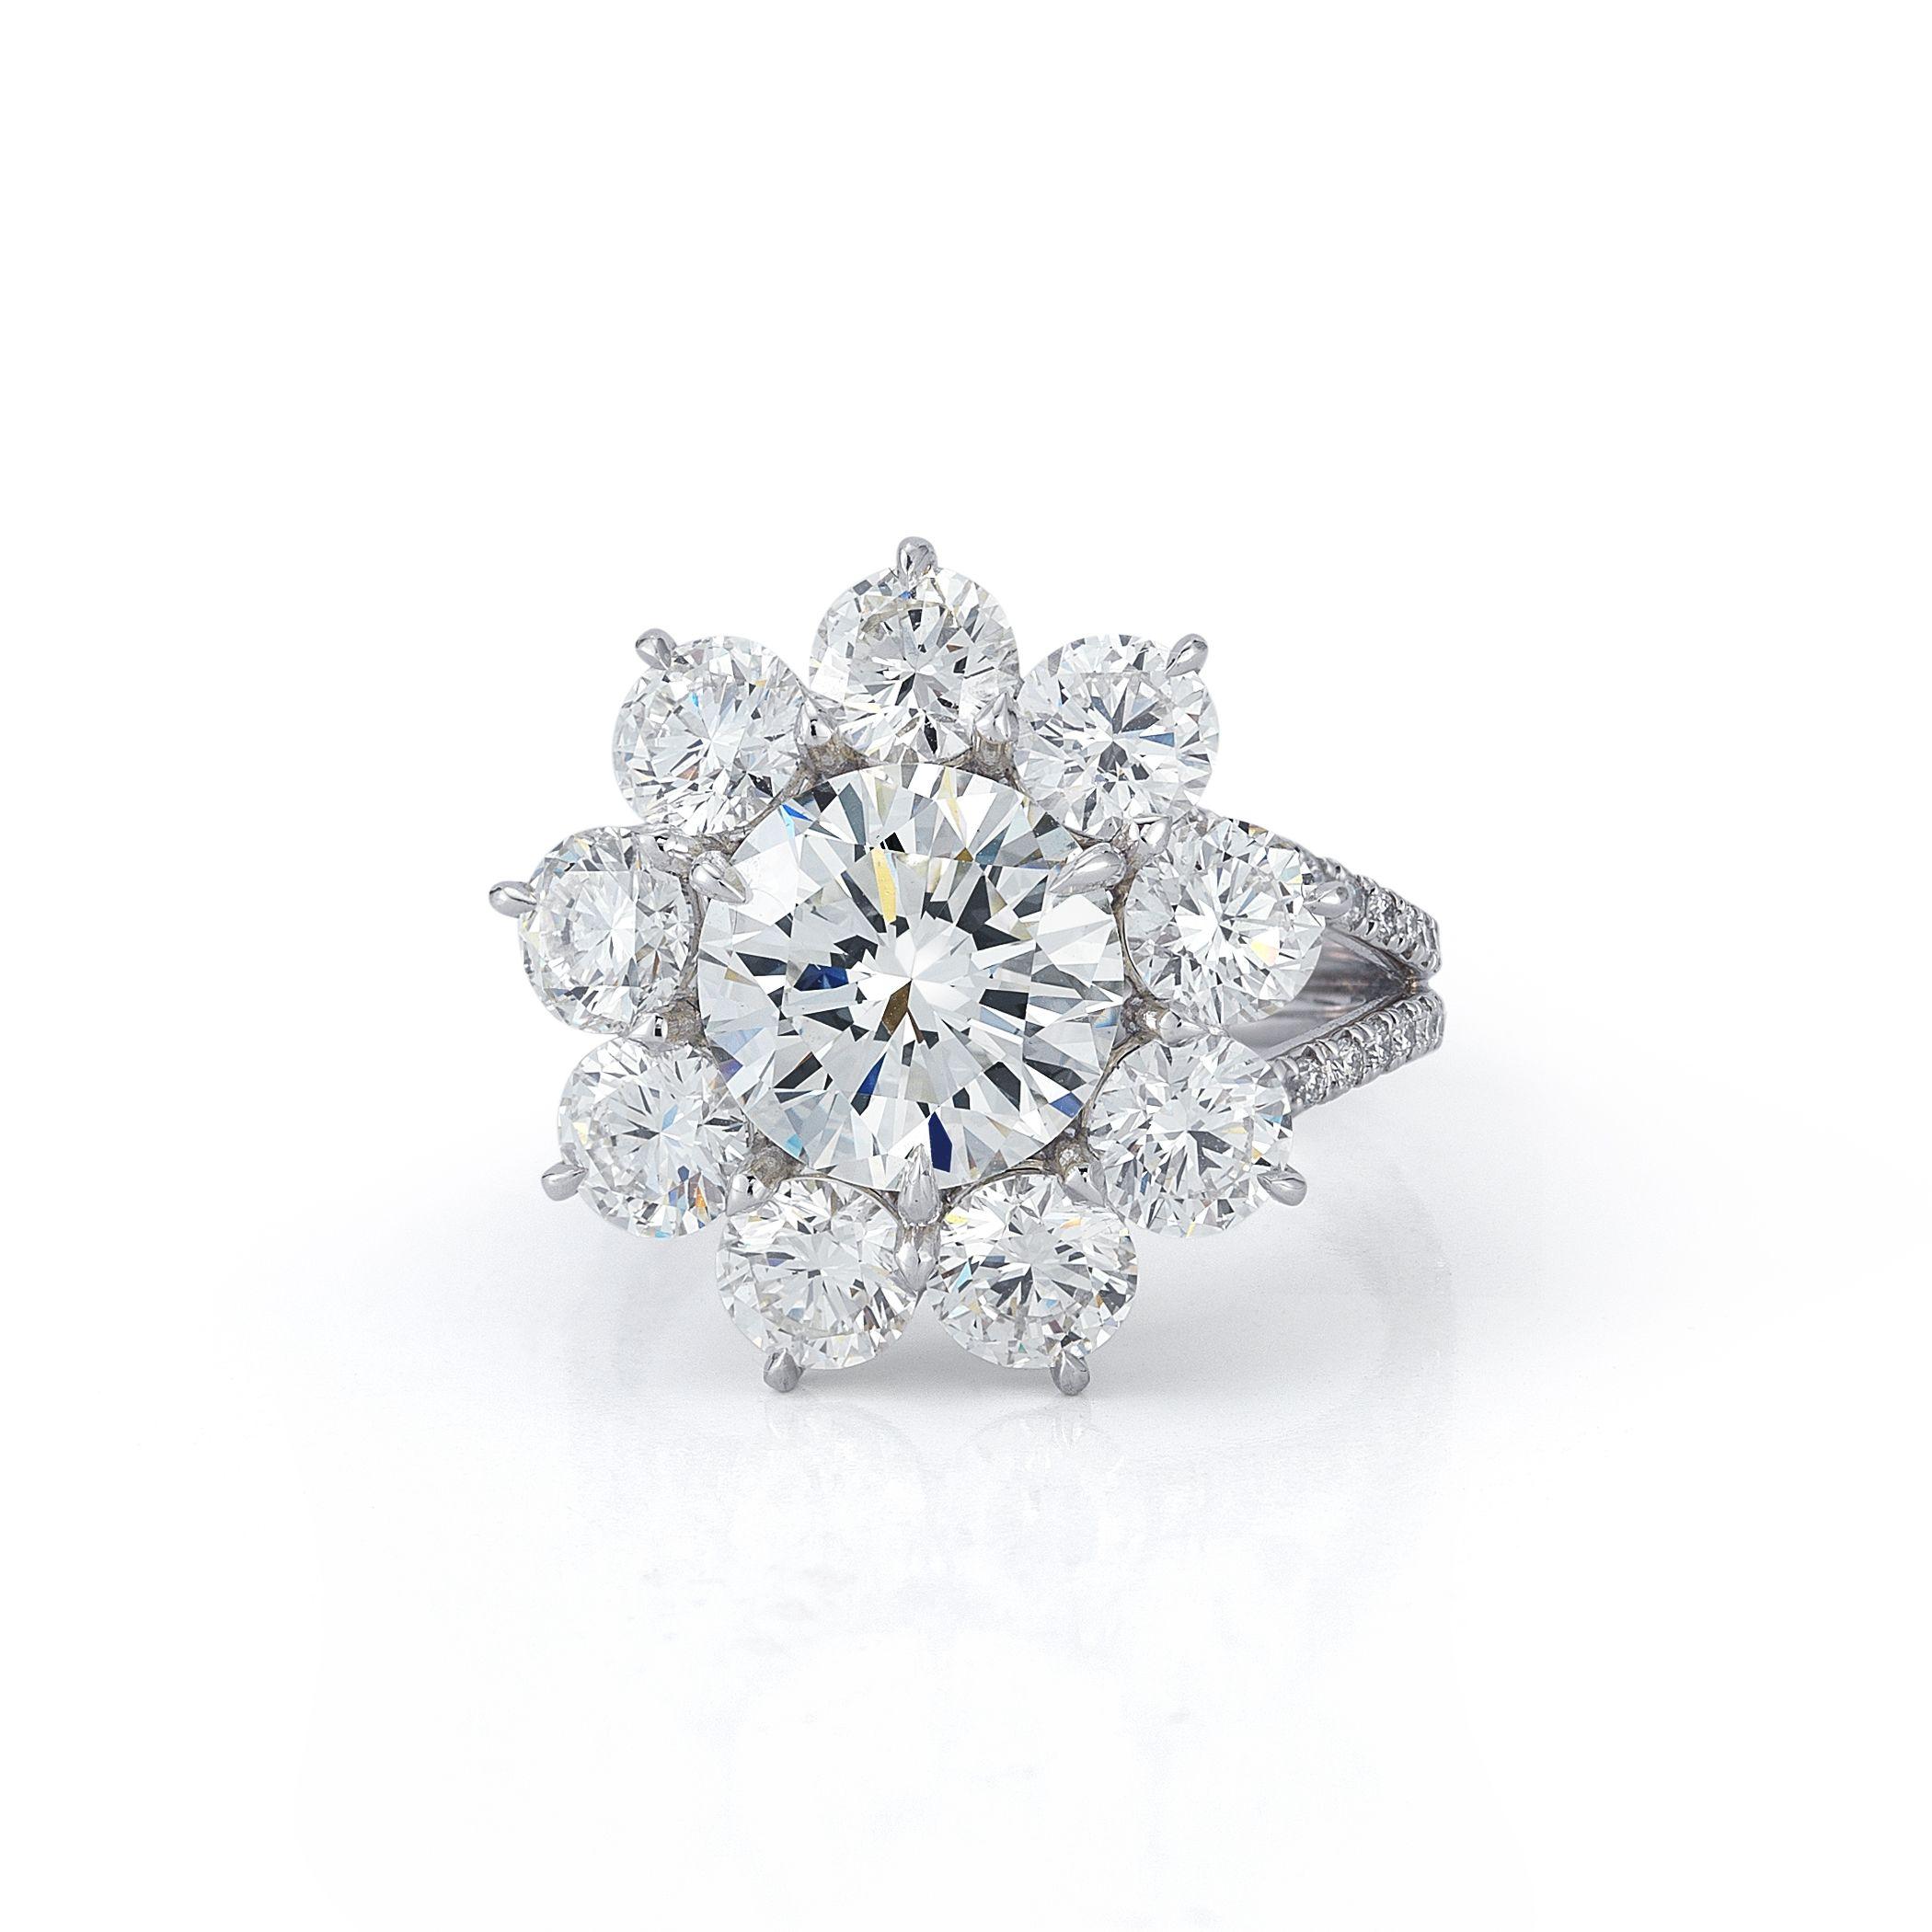 Romantic Round Brilliant-Cut Diamond Ring